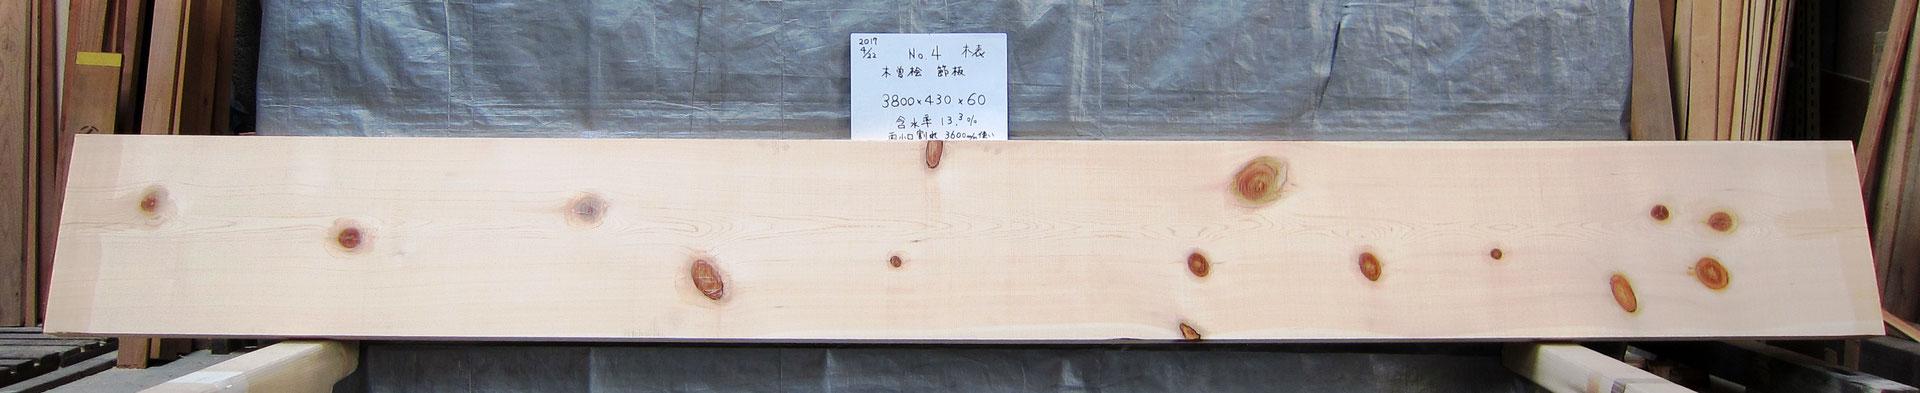 №4 木曽桧 節板 木表